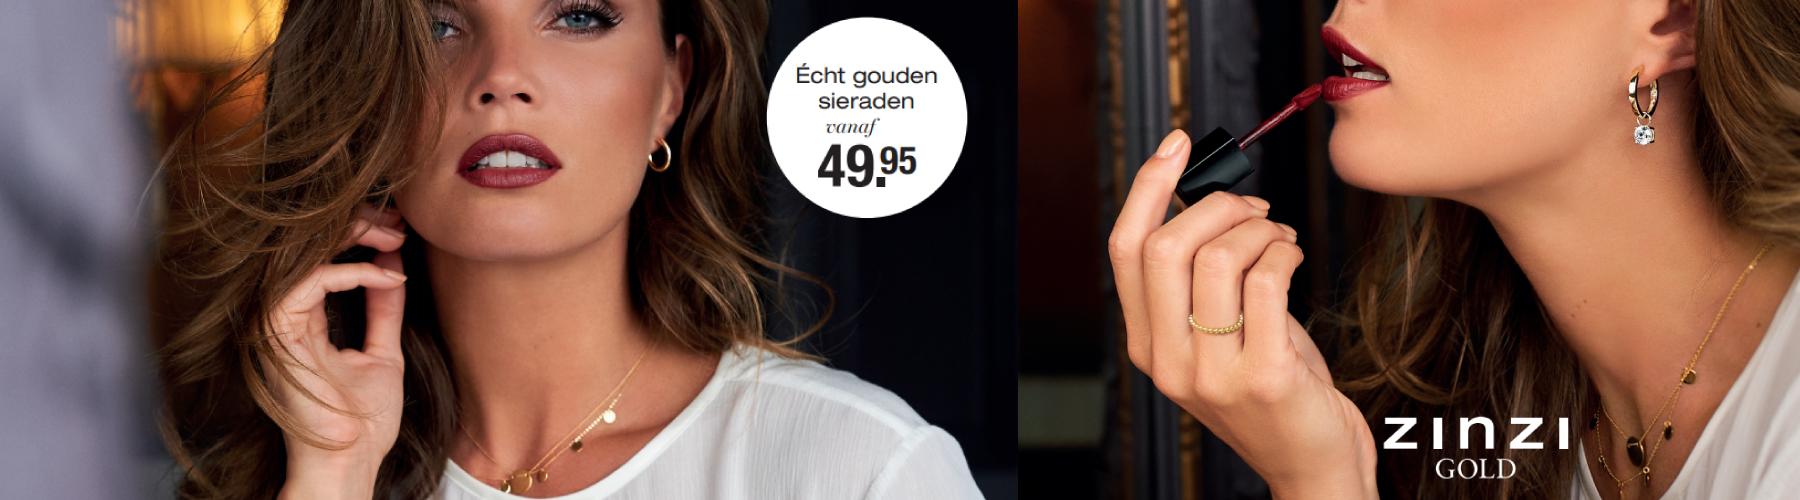 ZINZI-GOLD-gouden-sieraden-van-zinzi-kopen-bij-Wolters-Juweliers-Coevorden-Emmen